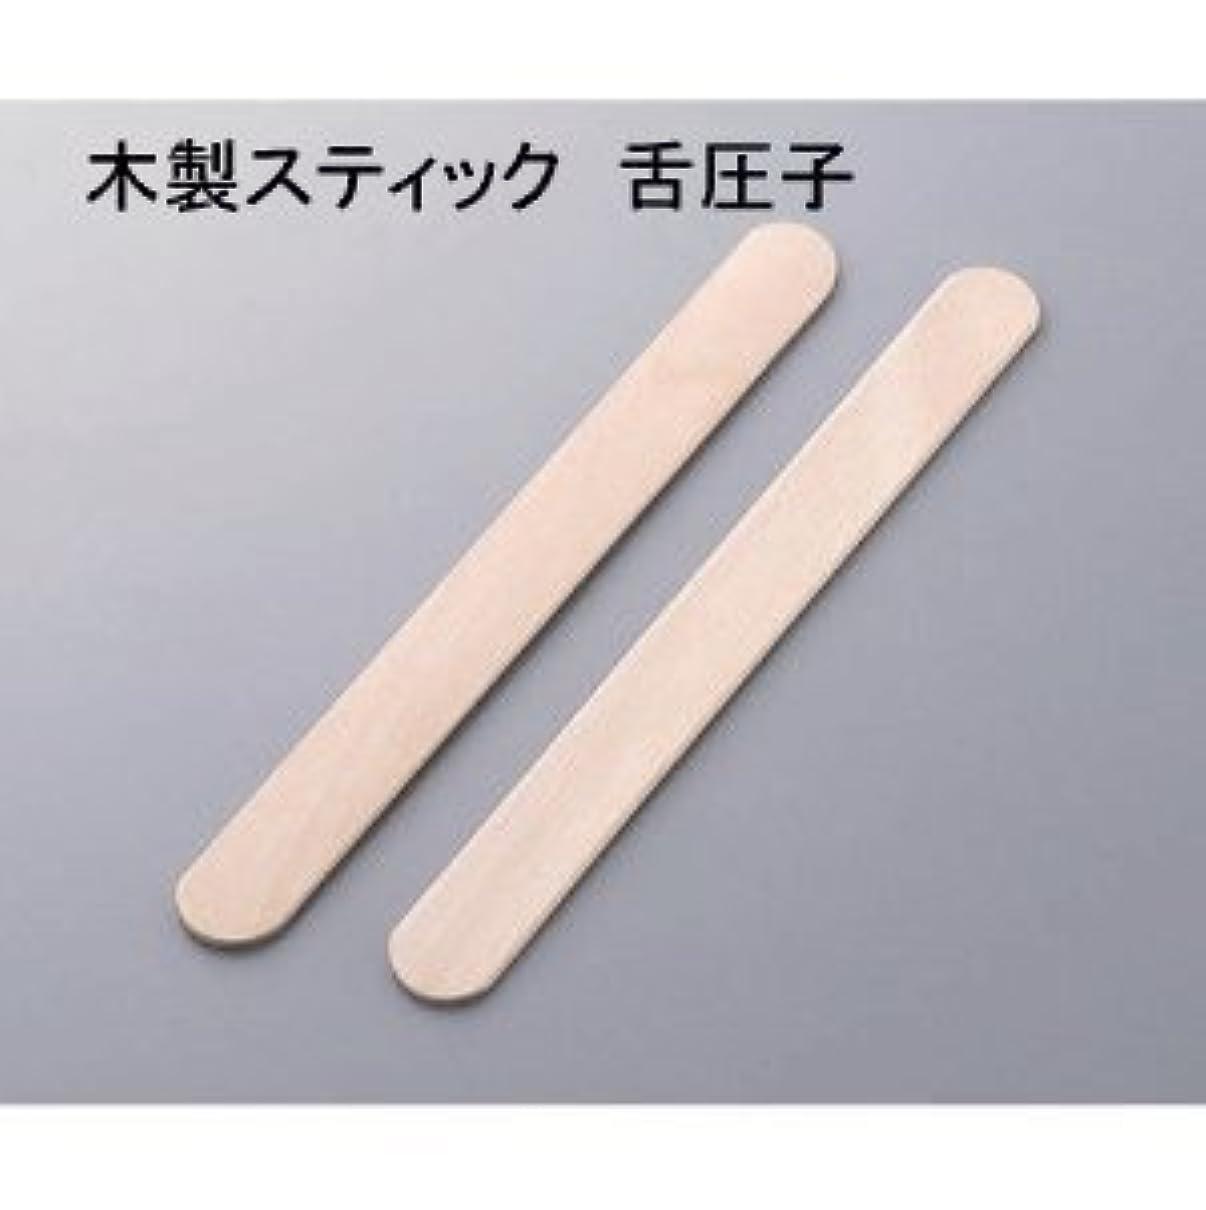 巧みな代わりにを立てる領事館木製舌圧子150mm スパチュラ 脱毛 ハダカ 50本